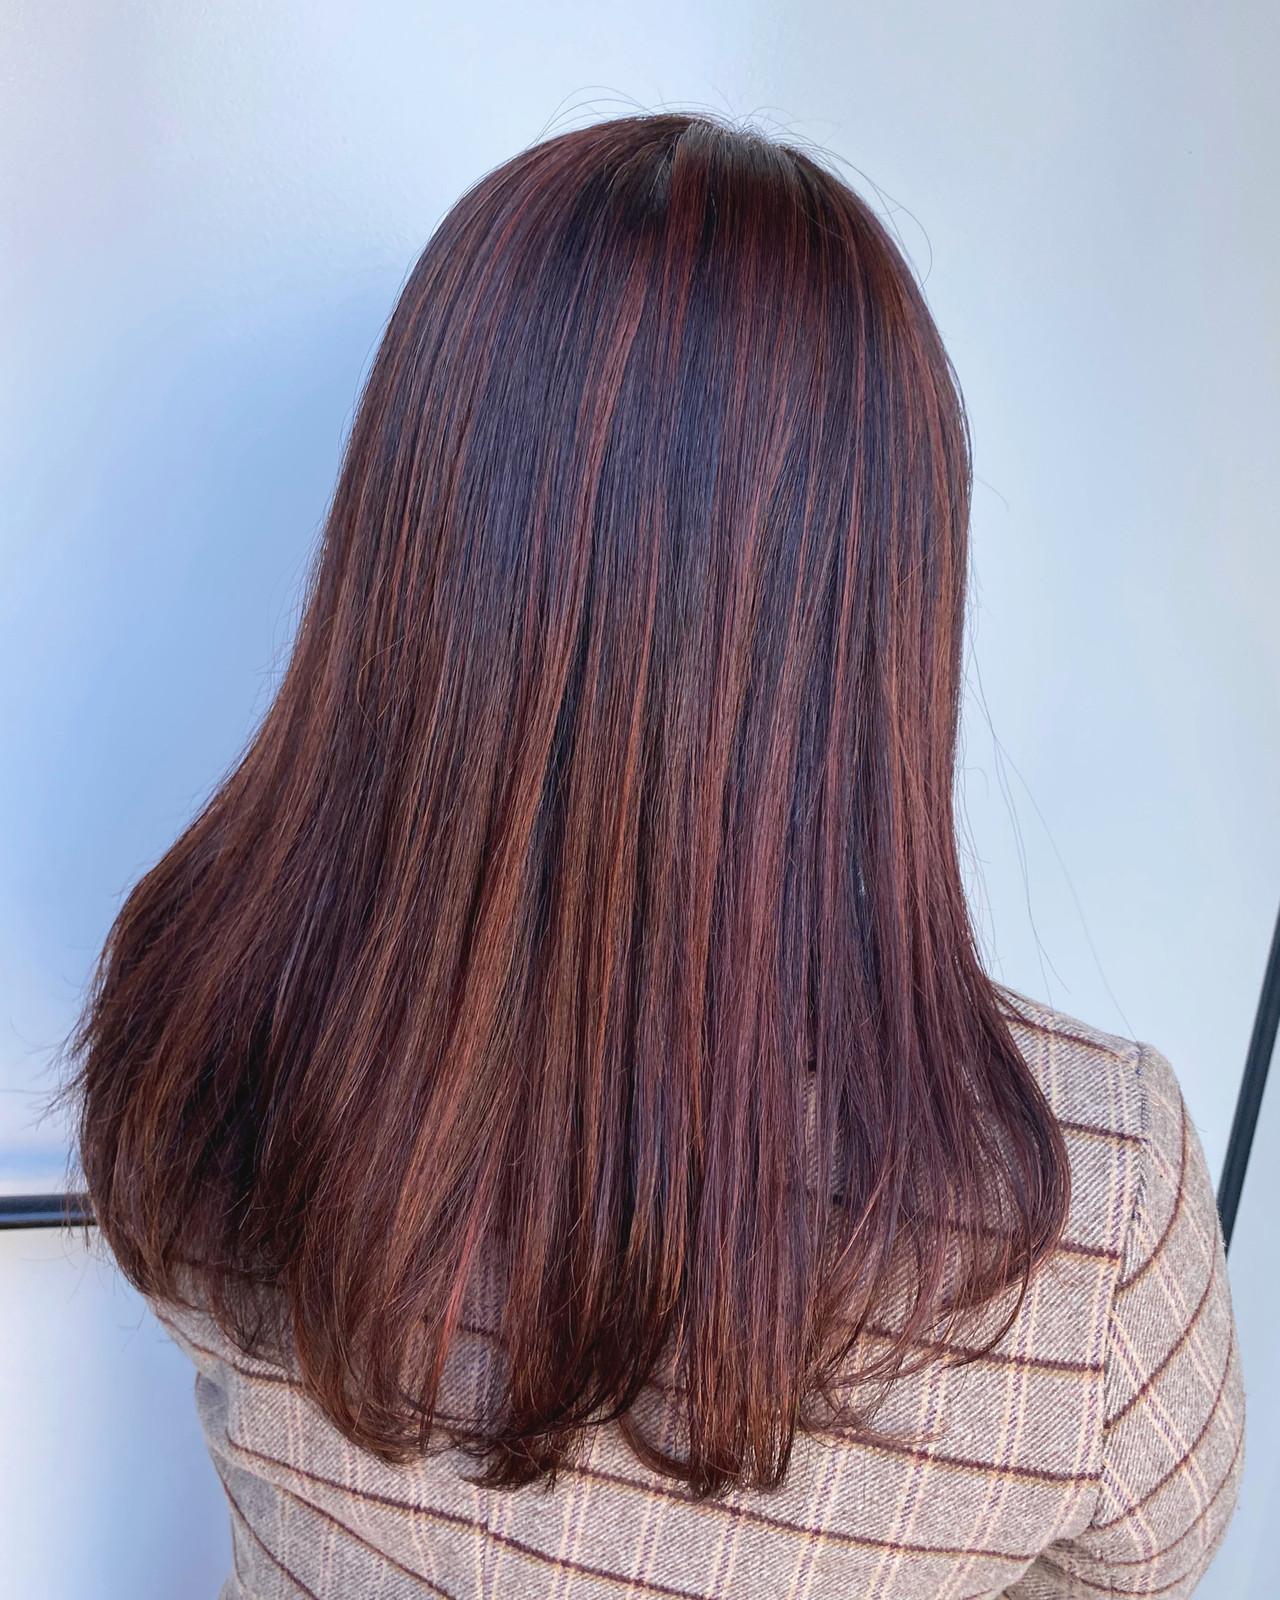 春 ピンクベージュ ロング ピンクカラー ヘアスタイルや髪型の写真・画像